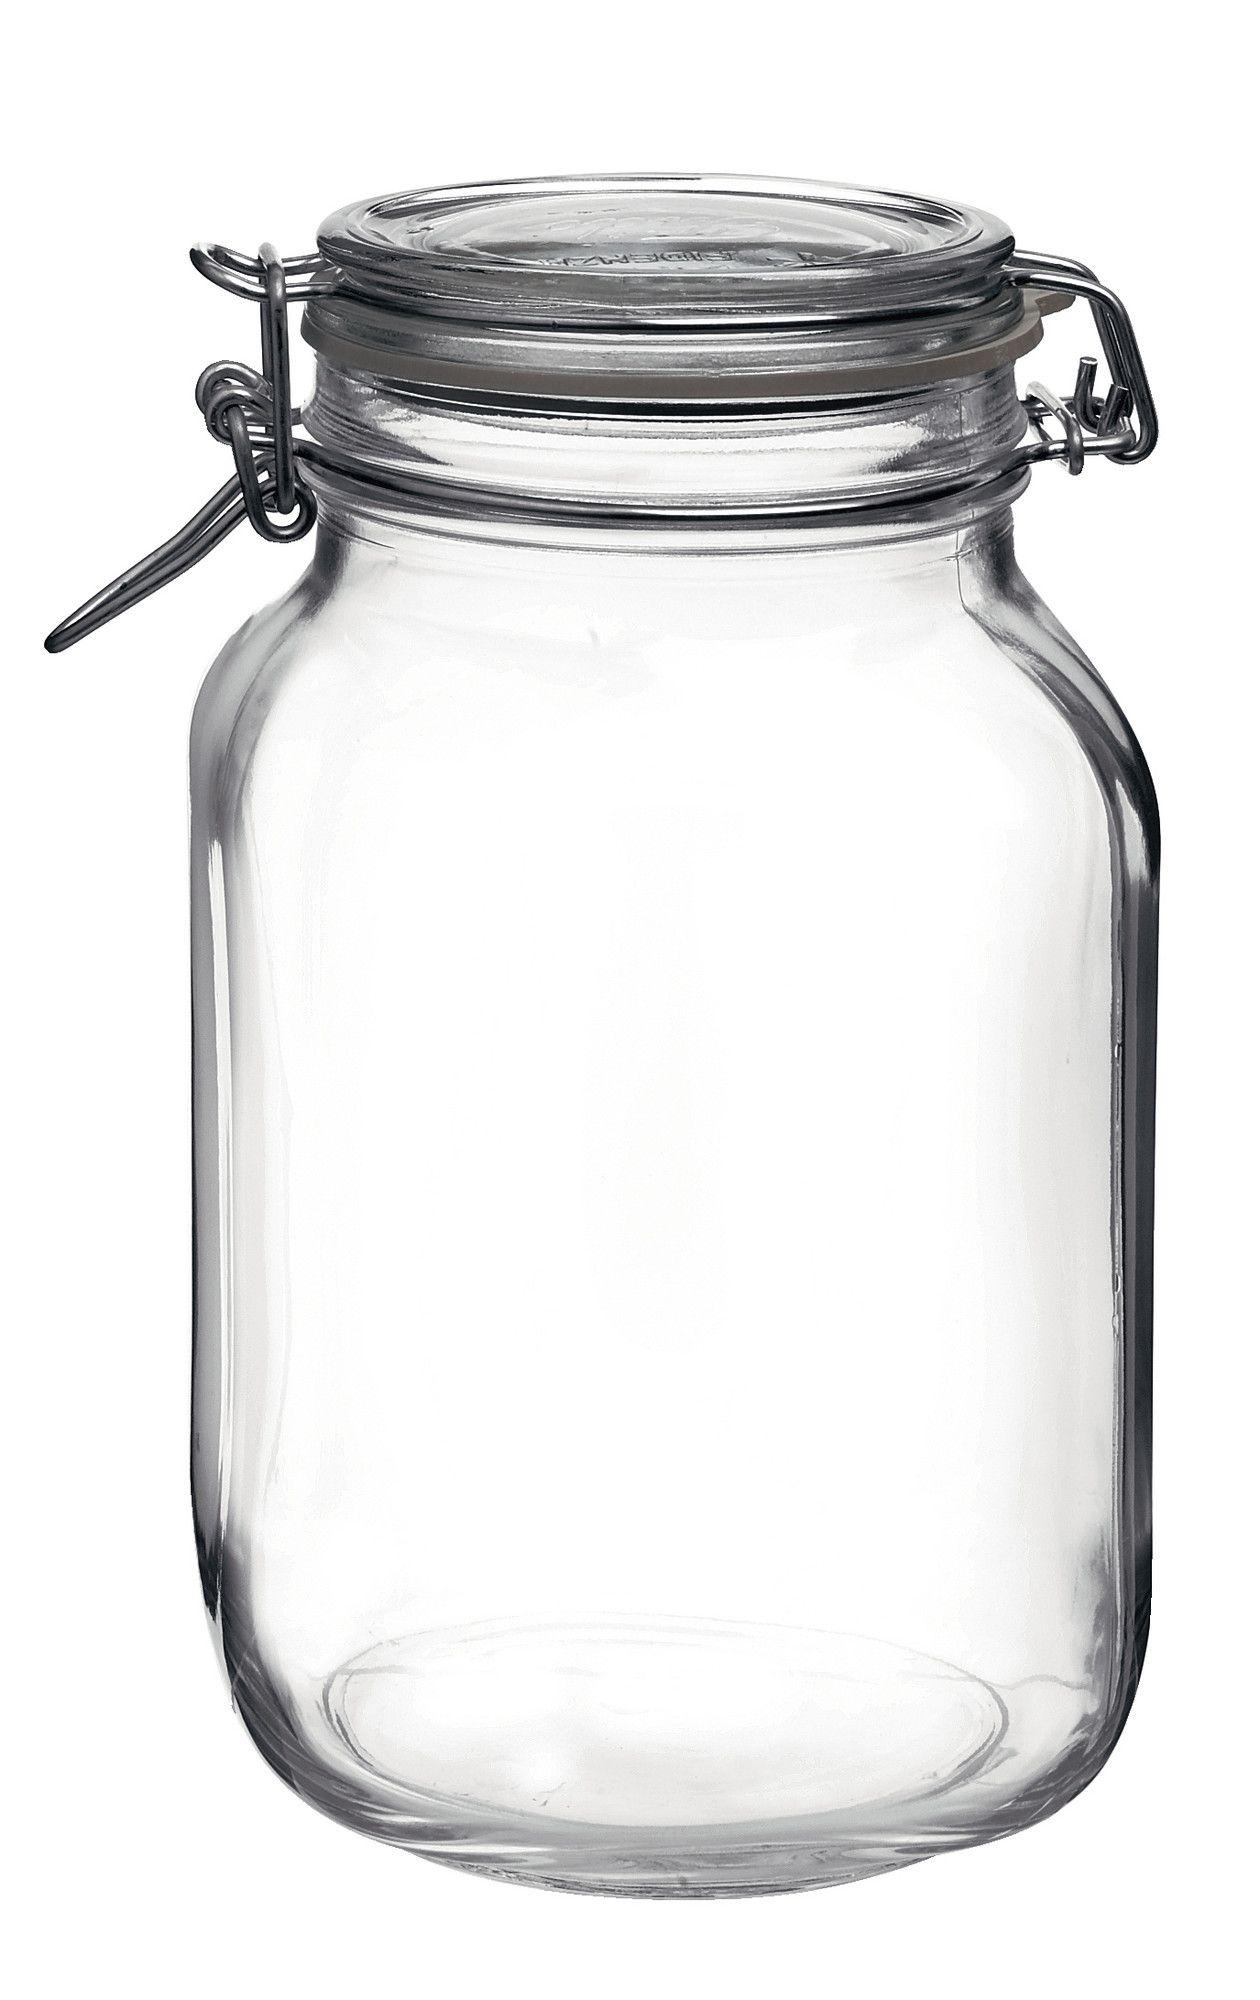 Fido 2 1 Quart Jar Glass Canning Jars Glass Jars With Lids Hermetic Jars